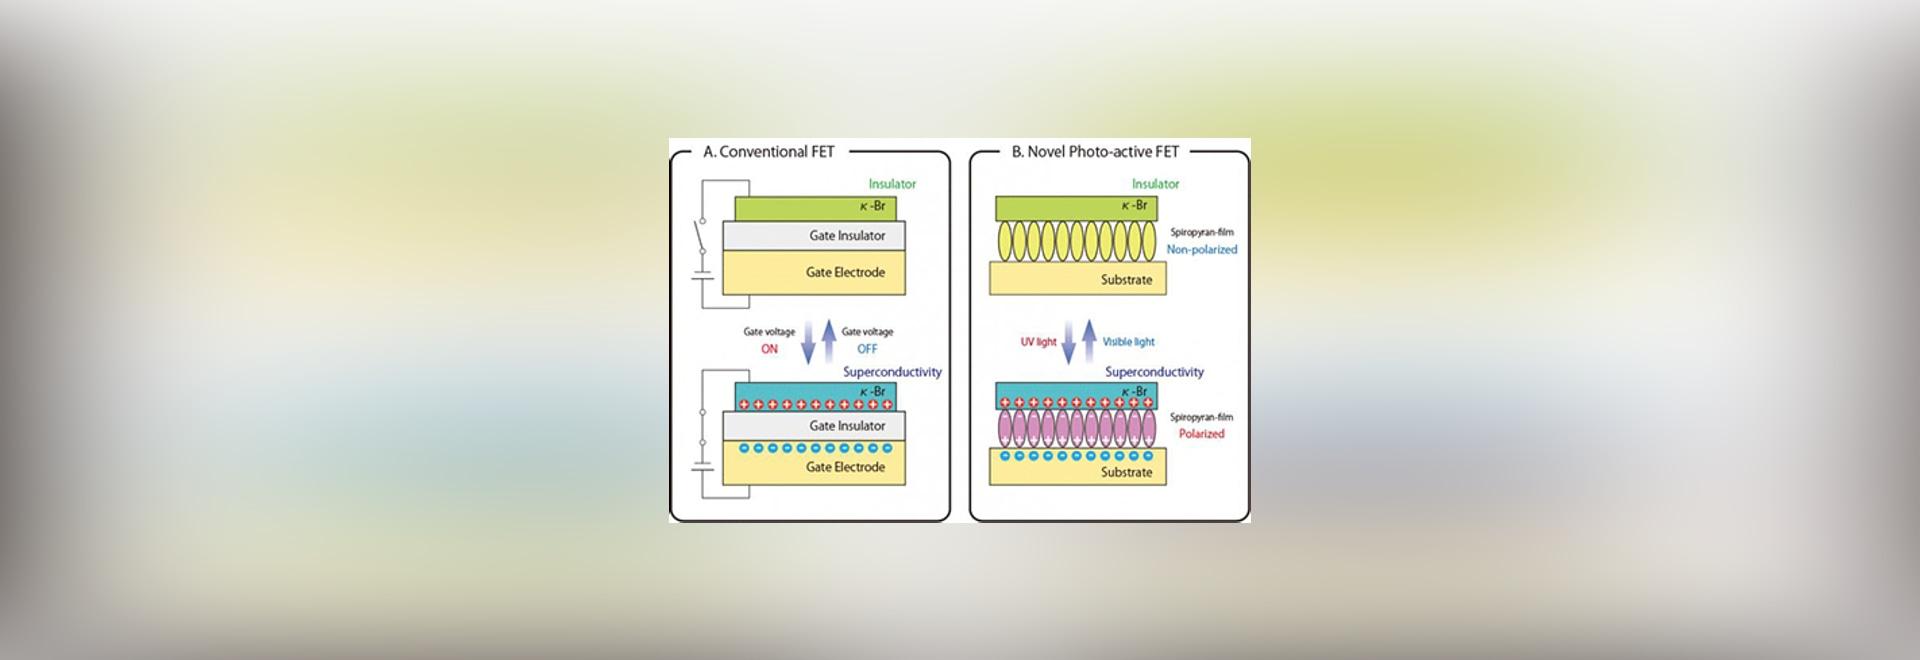 Este gráfico demuestra las configuraciones del FET convencional (a) y del FET foto-activo nuevo (b). Instituto del © del crédito para la ciencia molecular